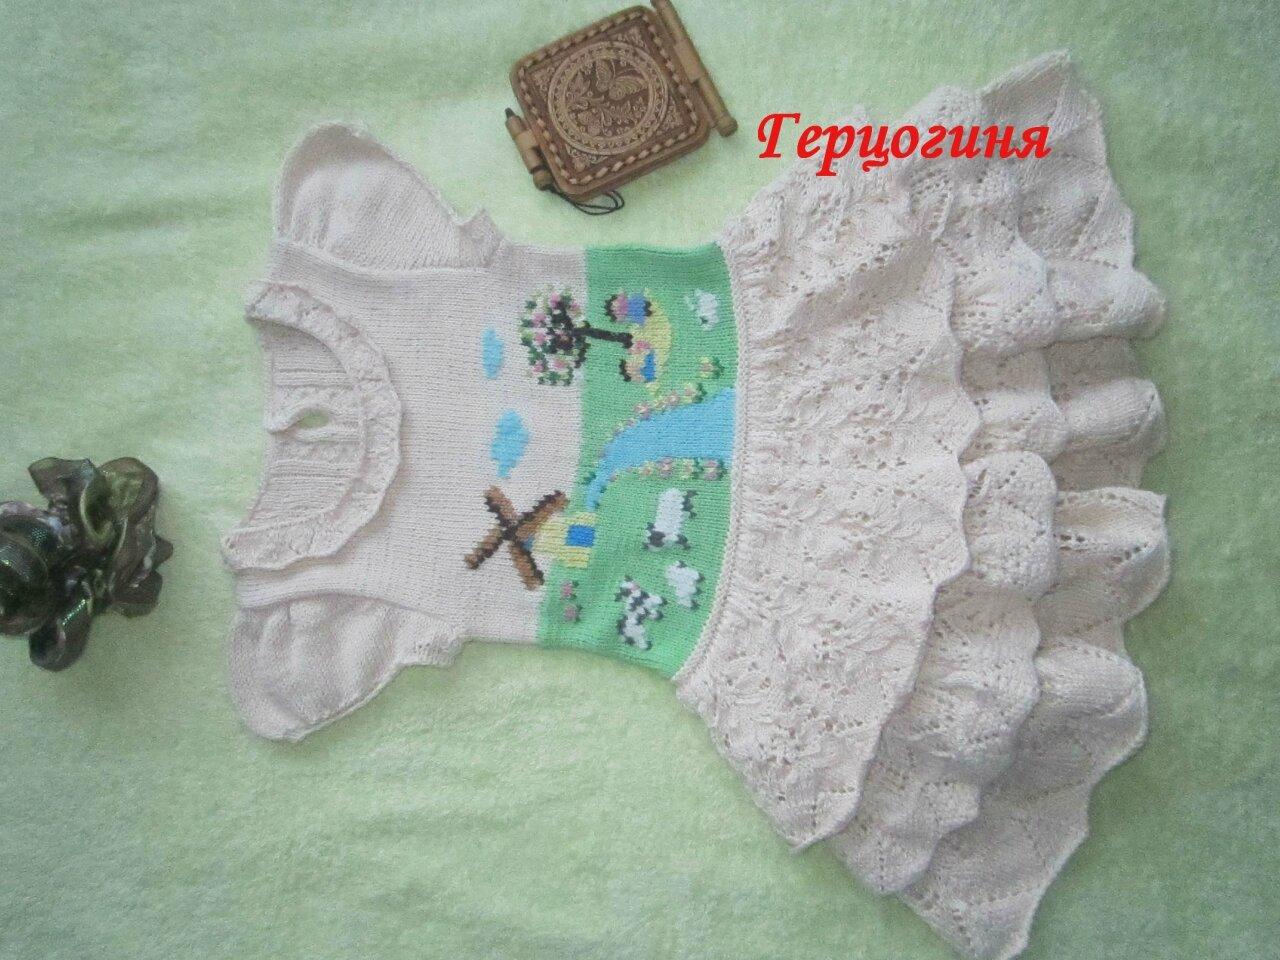 Вязание на осинке детское платье спицами